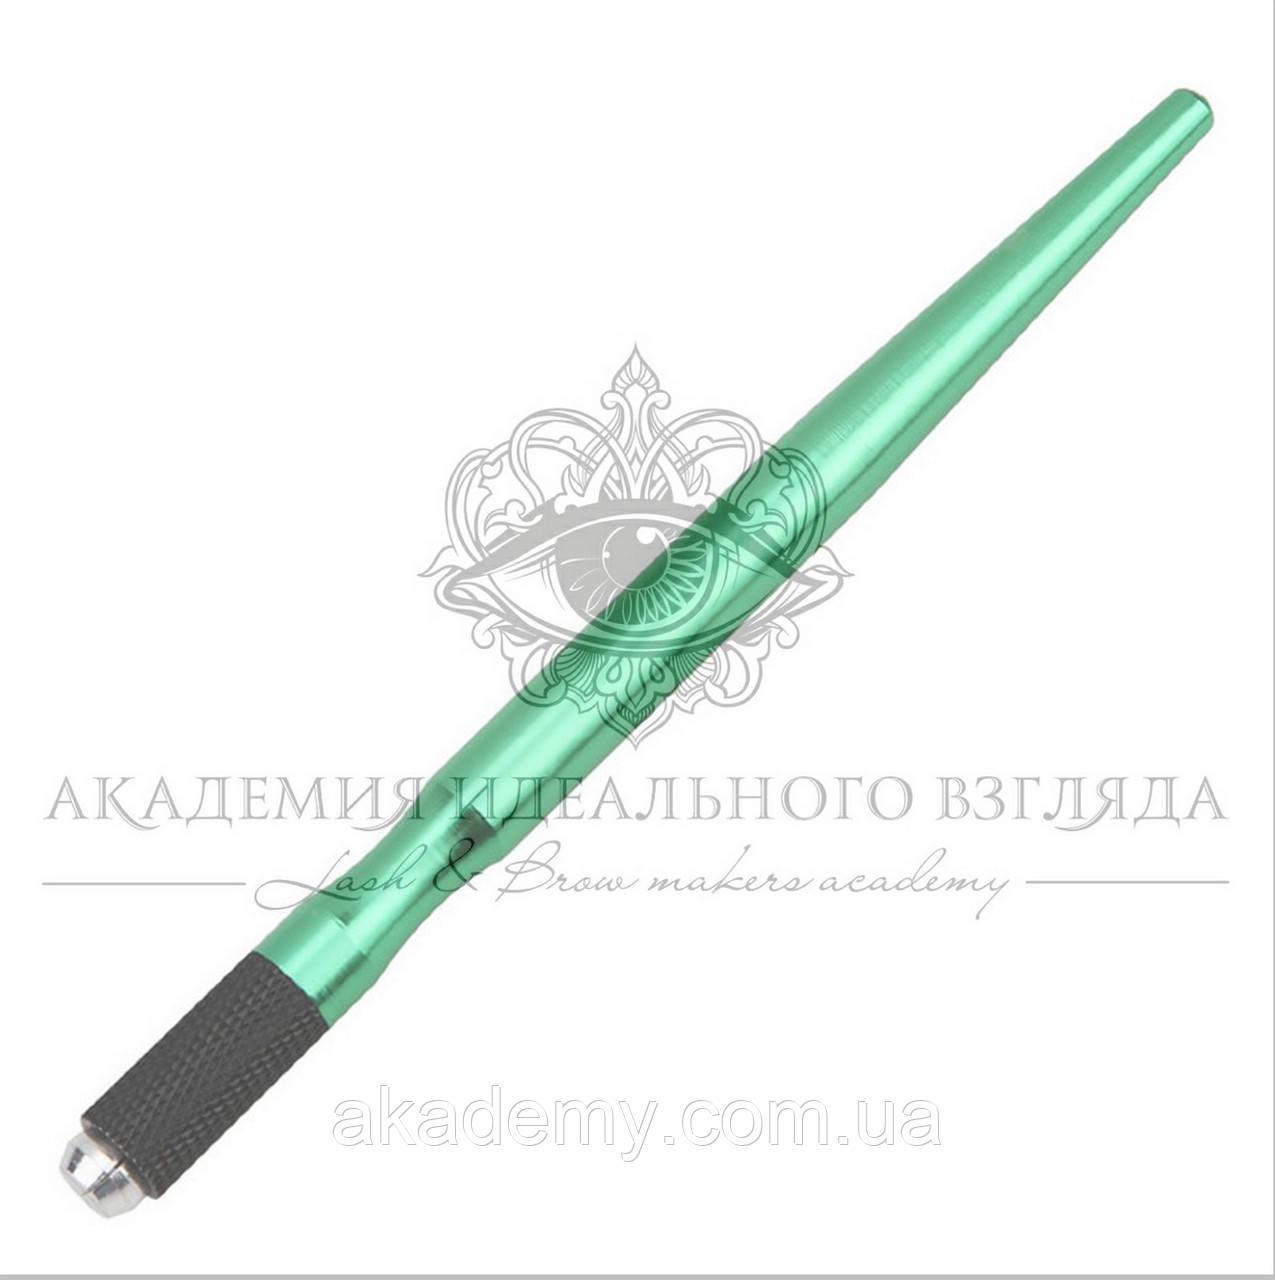 Ручка-манипула (алюминиевая зеленая)